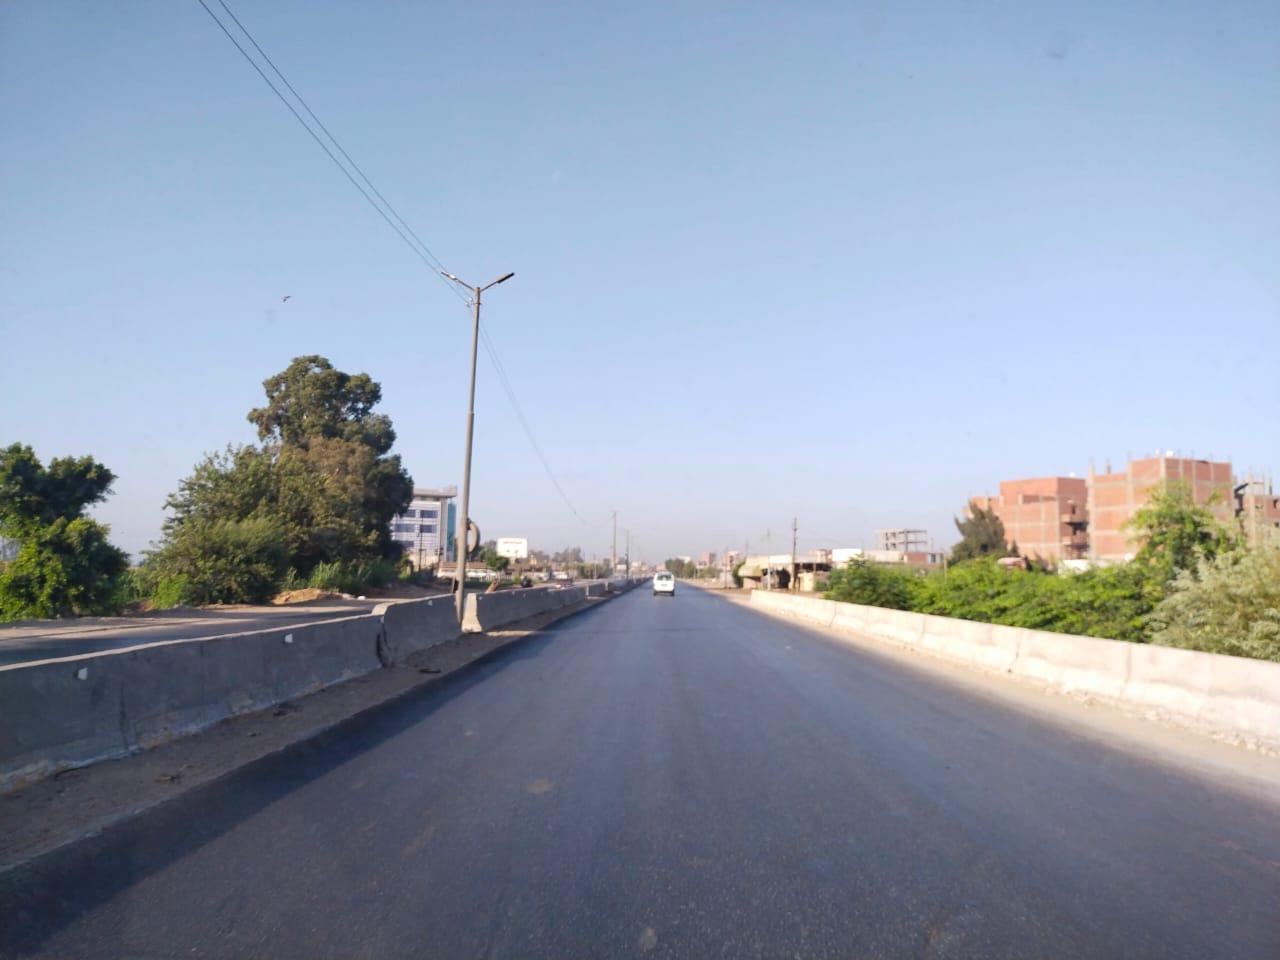 سيولة مرورية بطريق القاهرة الإسكندرية الزراعى (4)